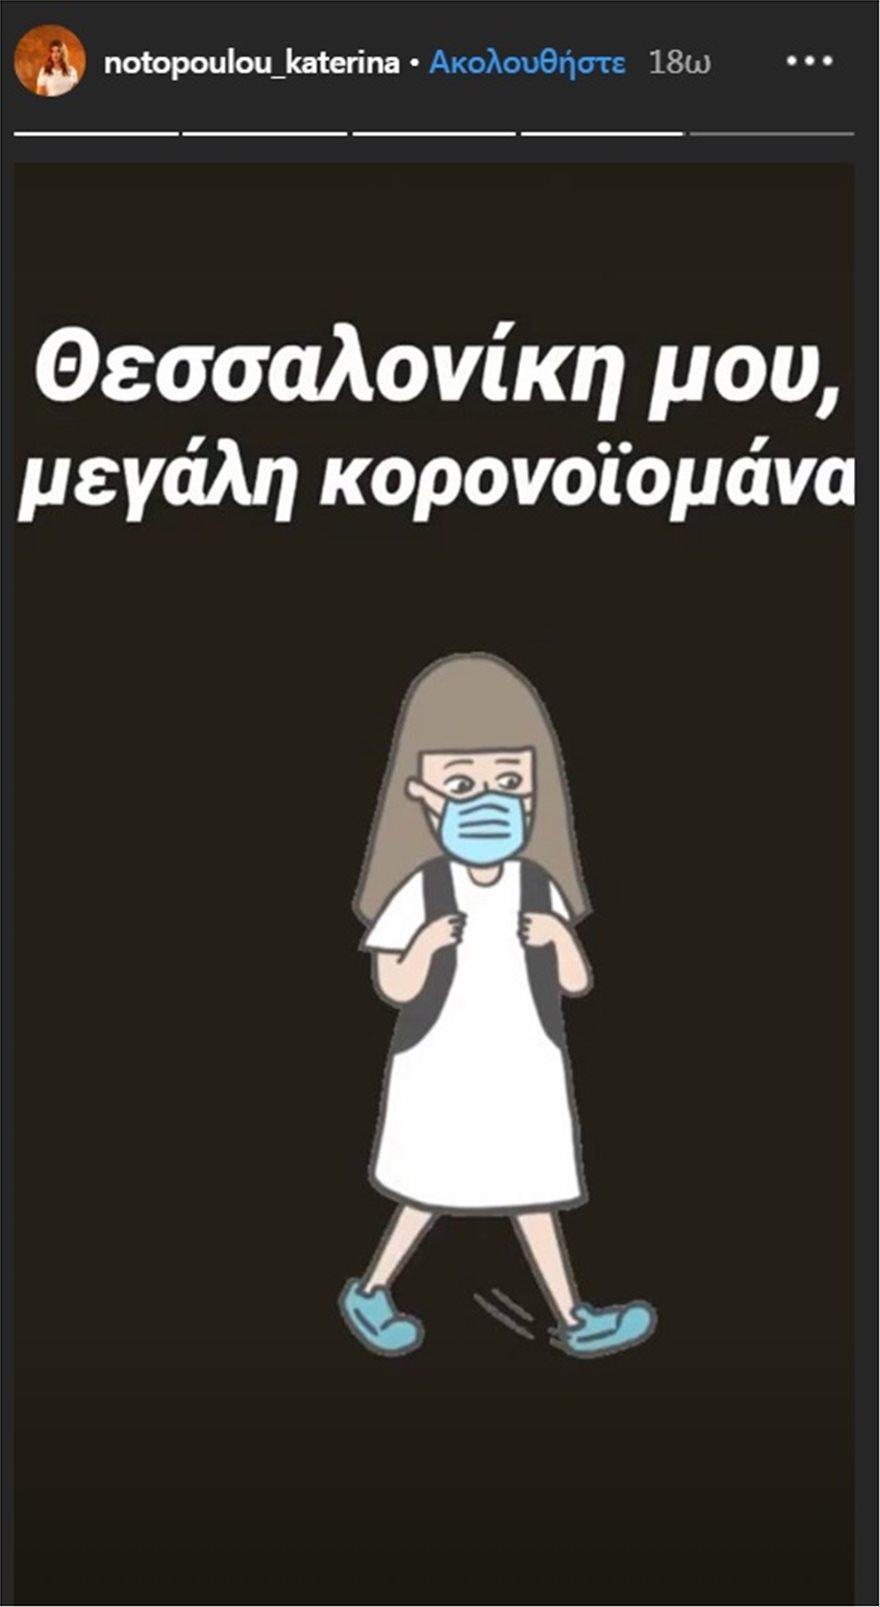 notopoulou_anart